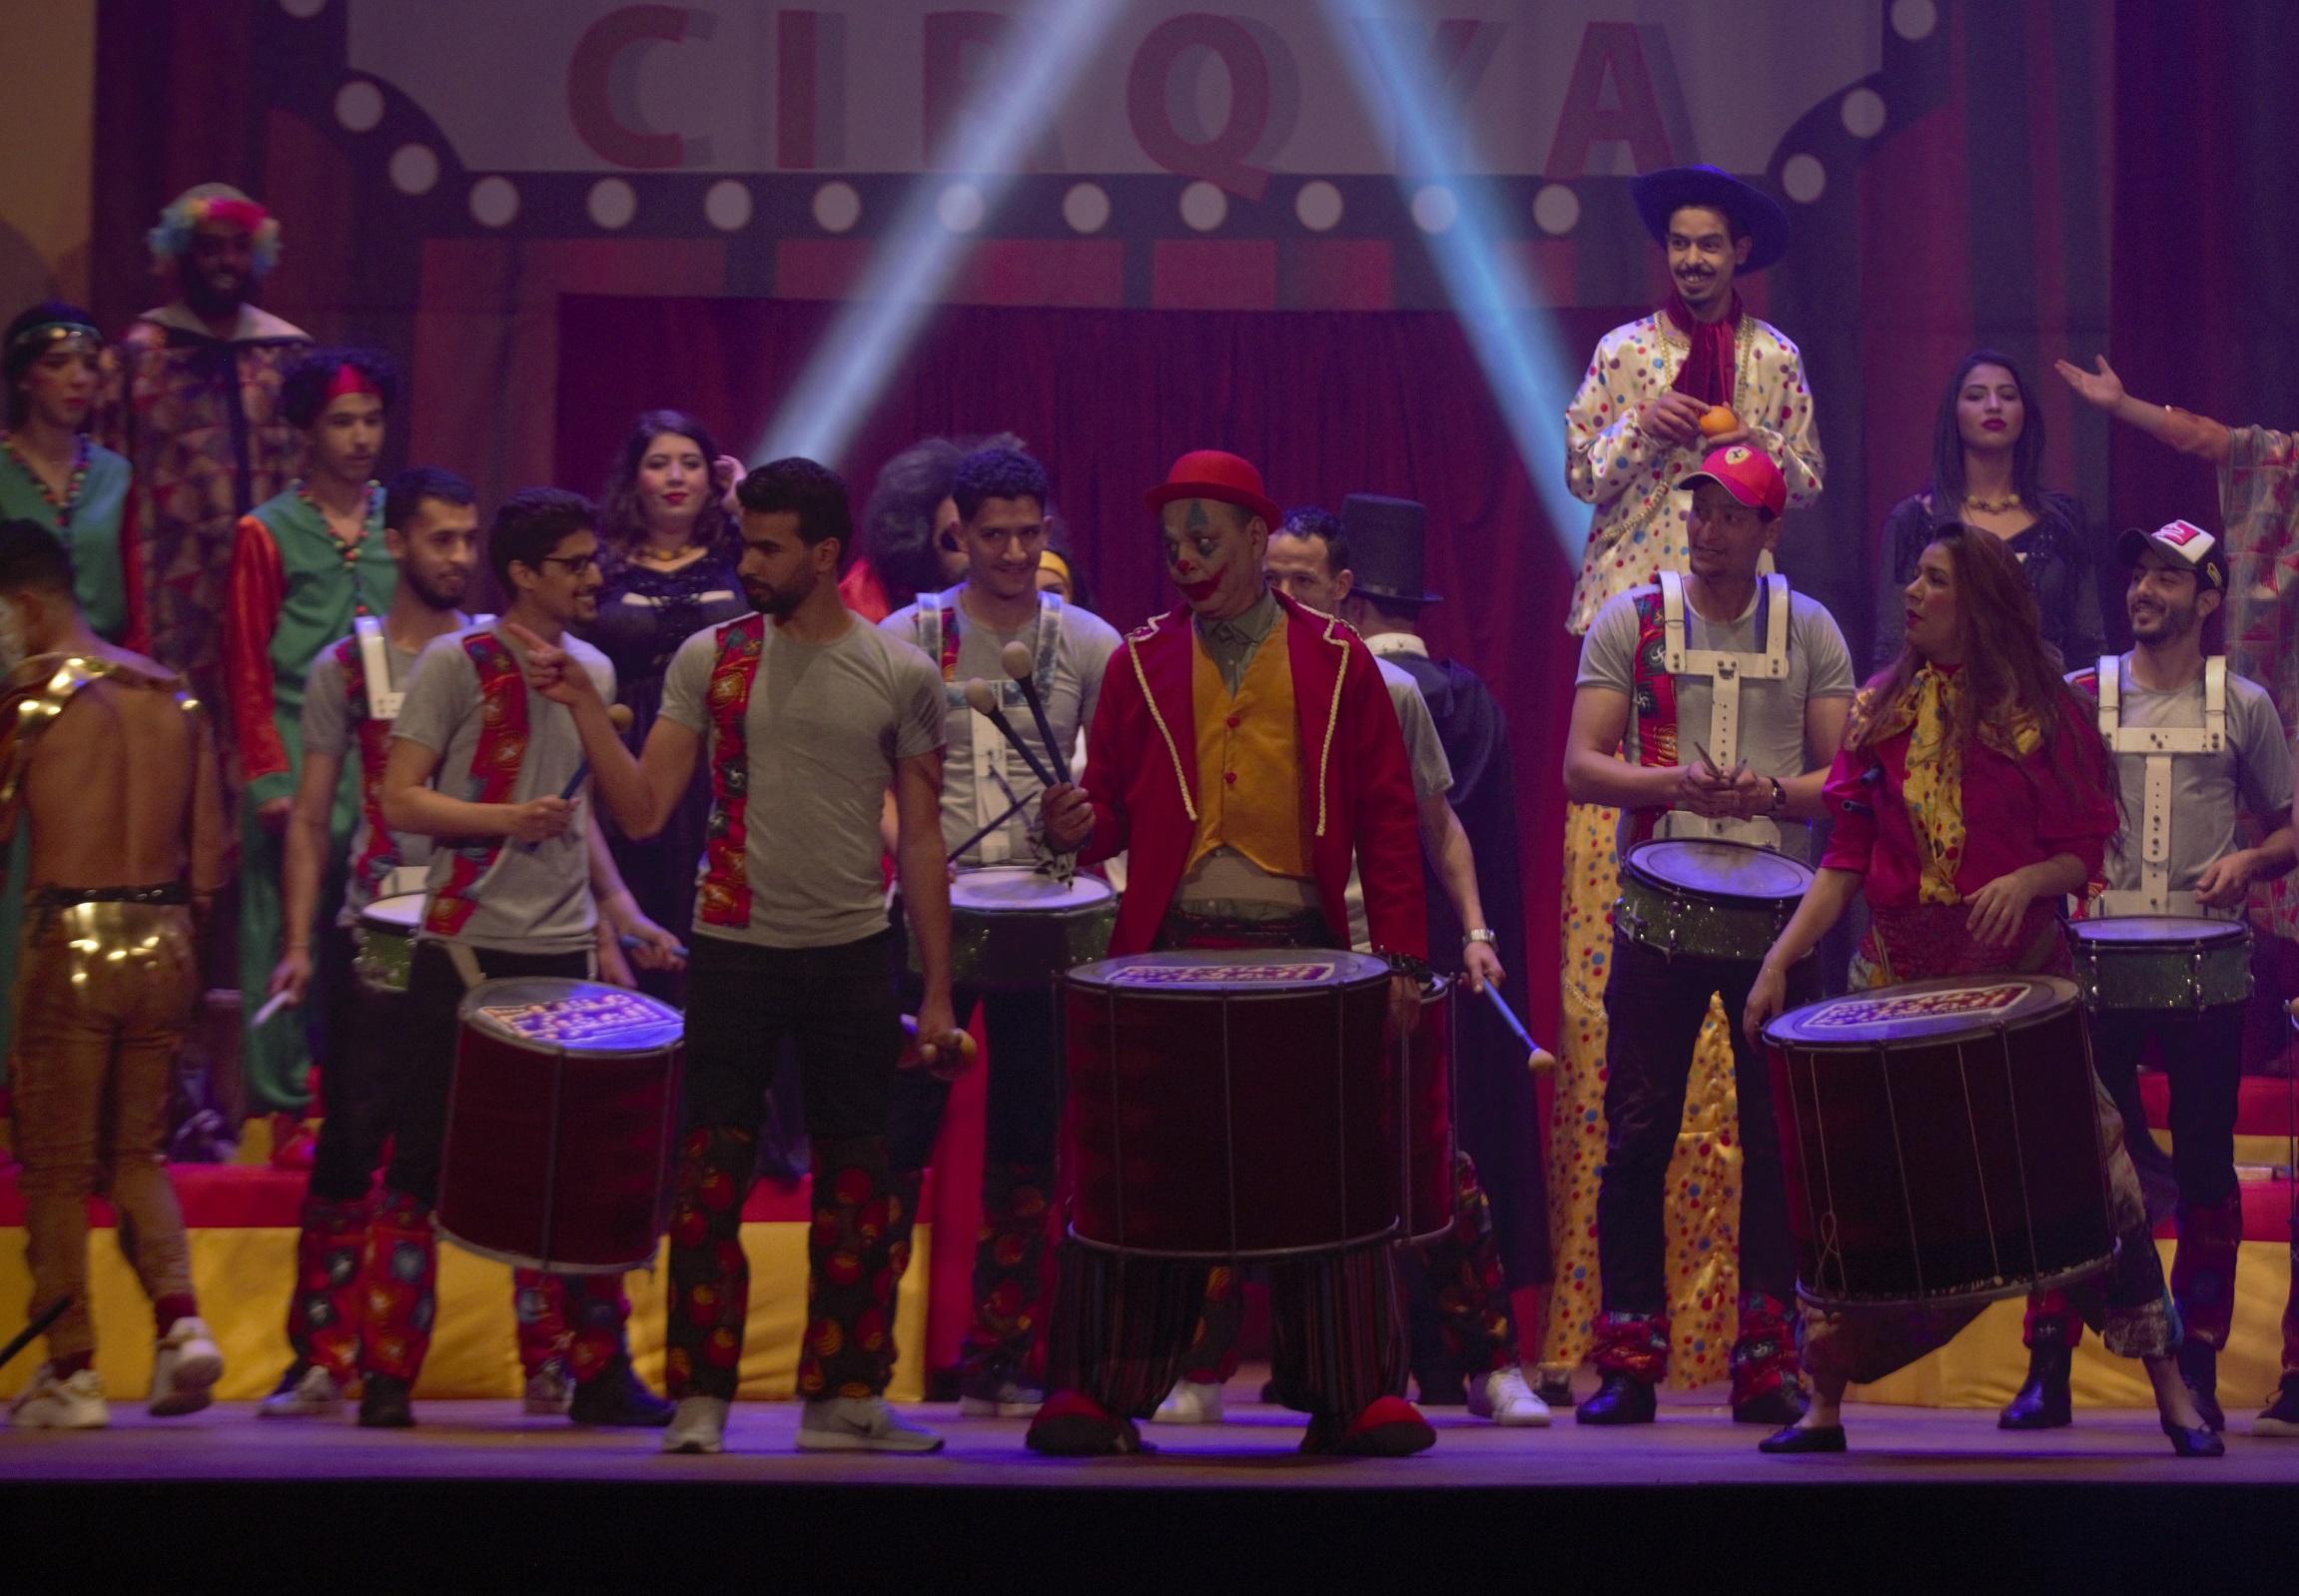 """مسرحية """" سيركيا"""" مع الفنان عبد الله ديدان ونُخبة من النجوم الشباب """"الأحد"""" على """"MBC5 """""""